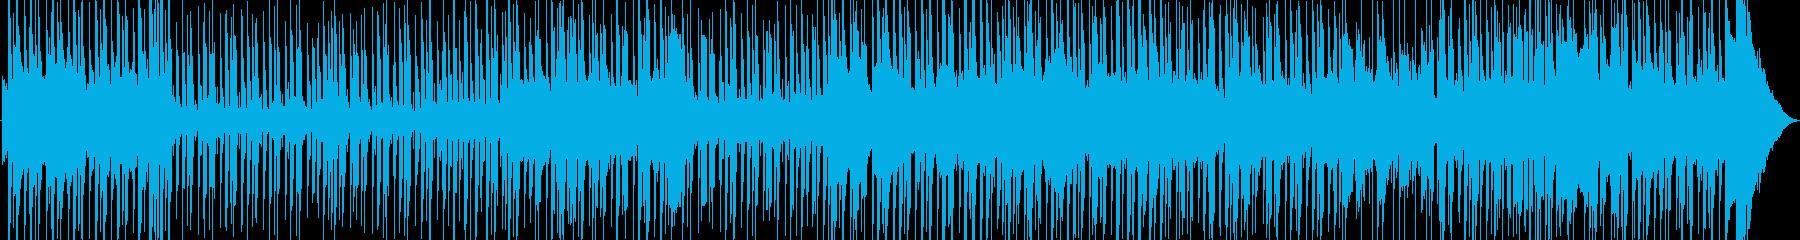 トリプレット。イタリアンメロディッ...の再生済みの波形